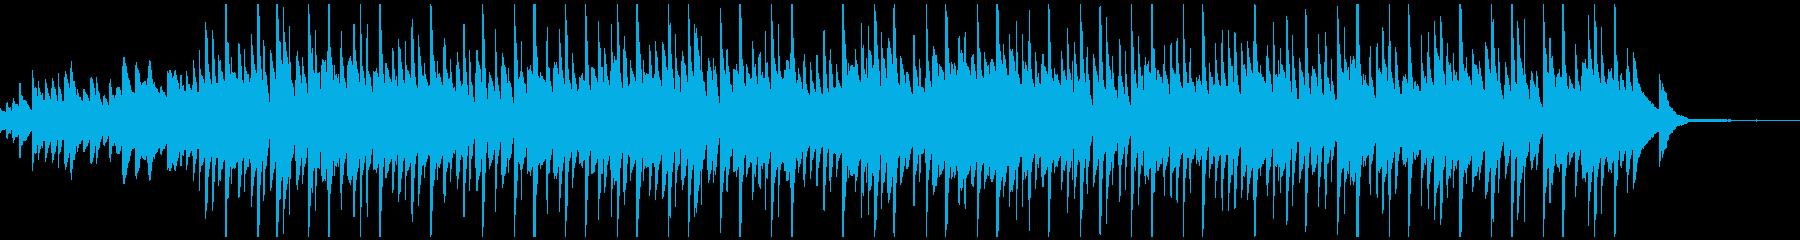 切ないピアノエレクトロニカです。の再生済みの波形